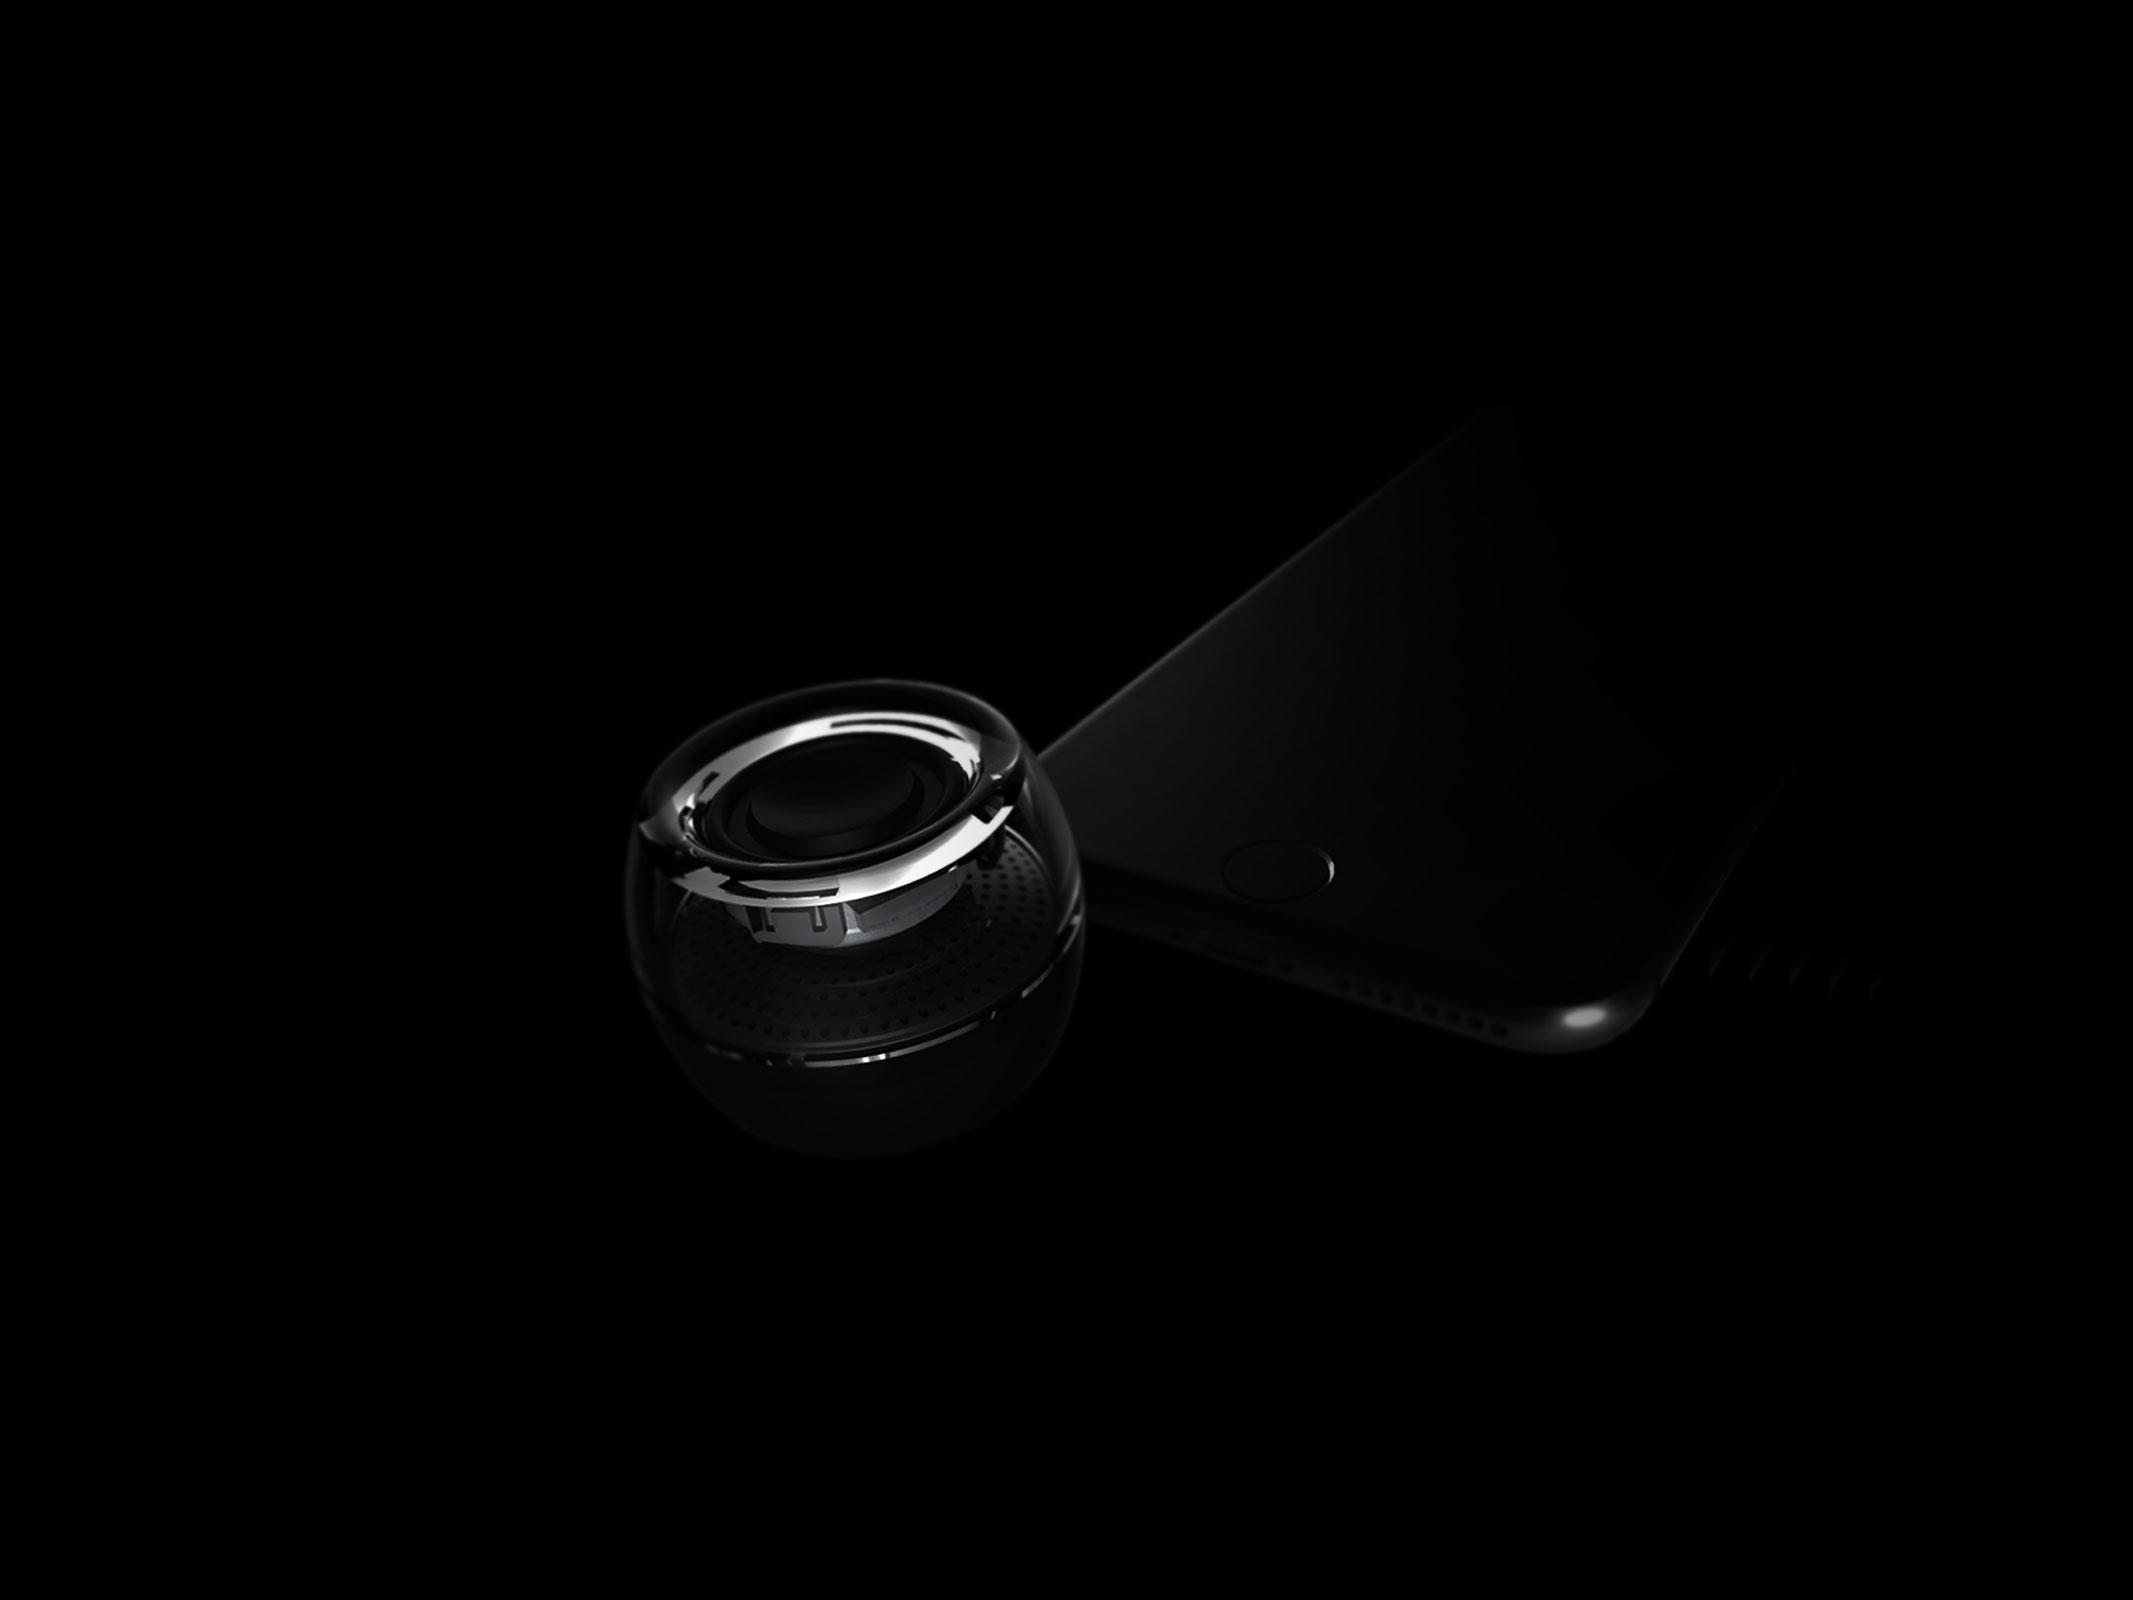 smartphone loudspeaker